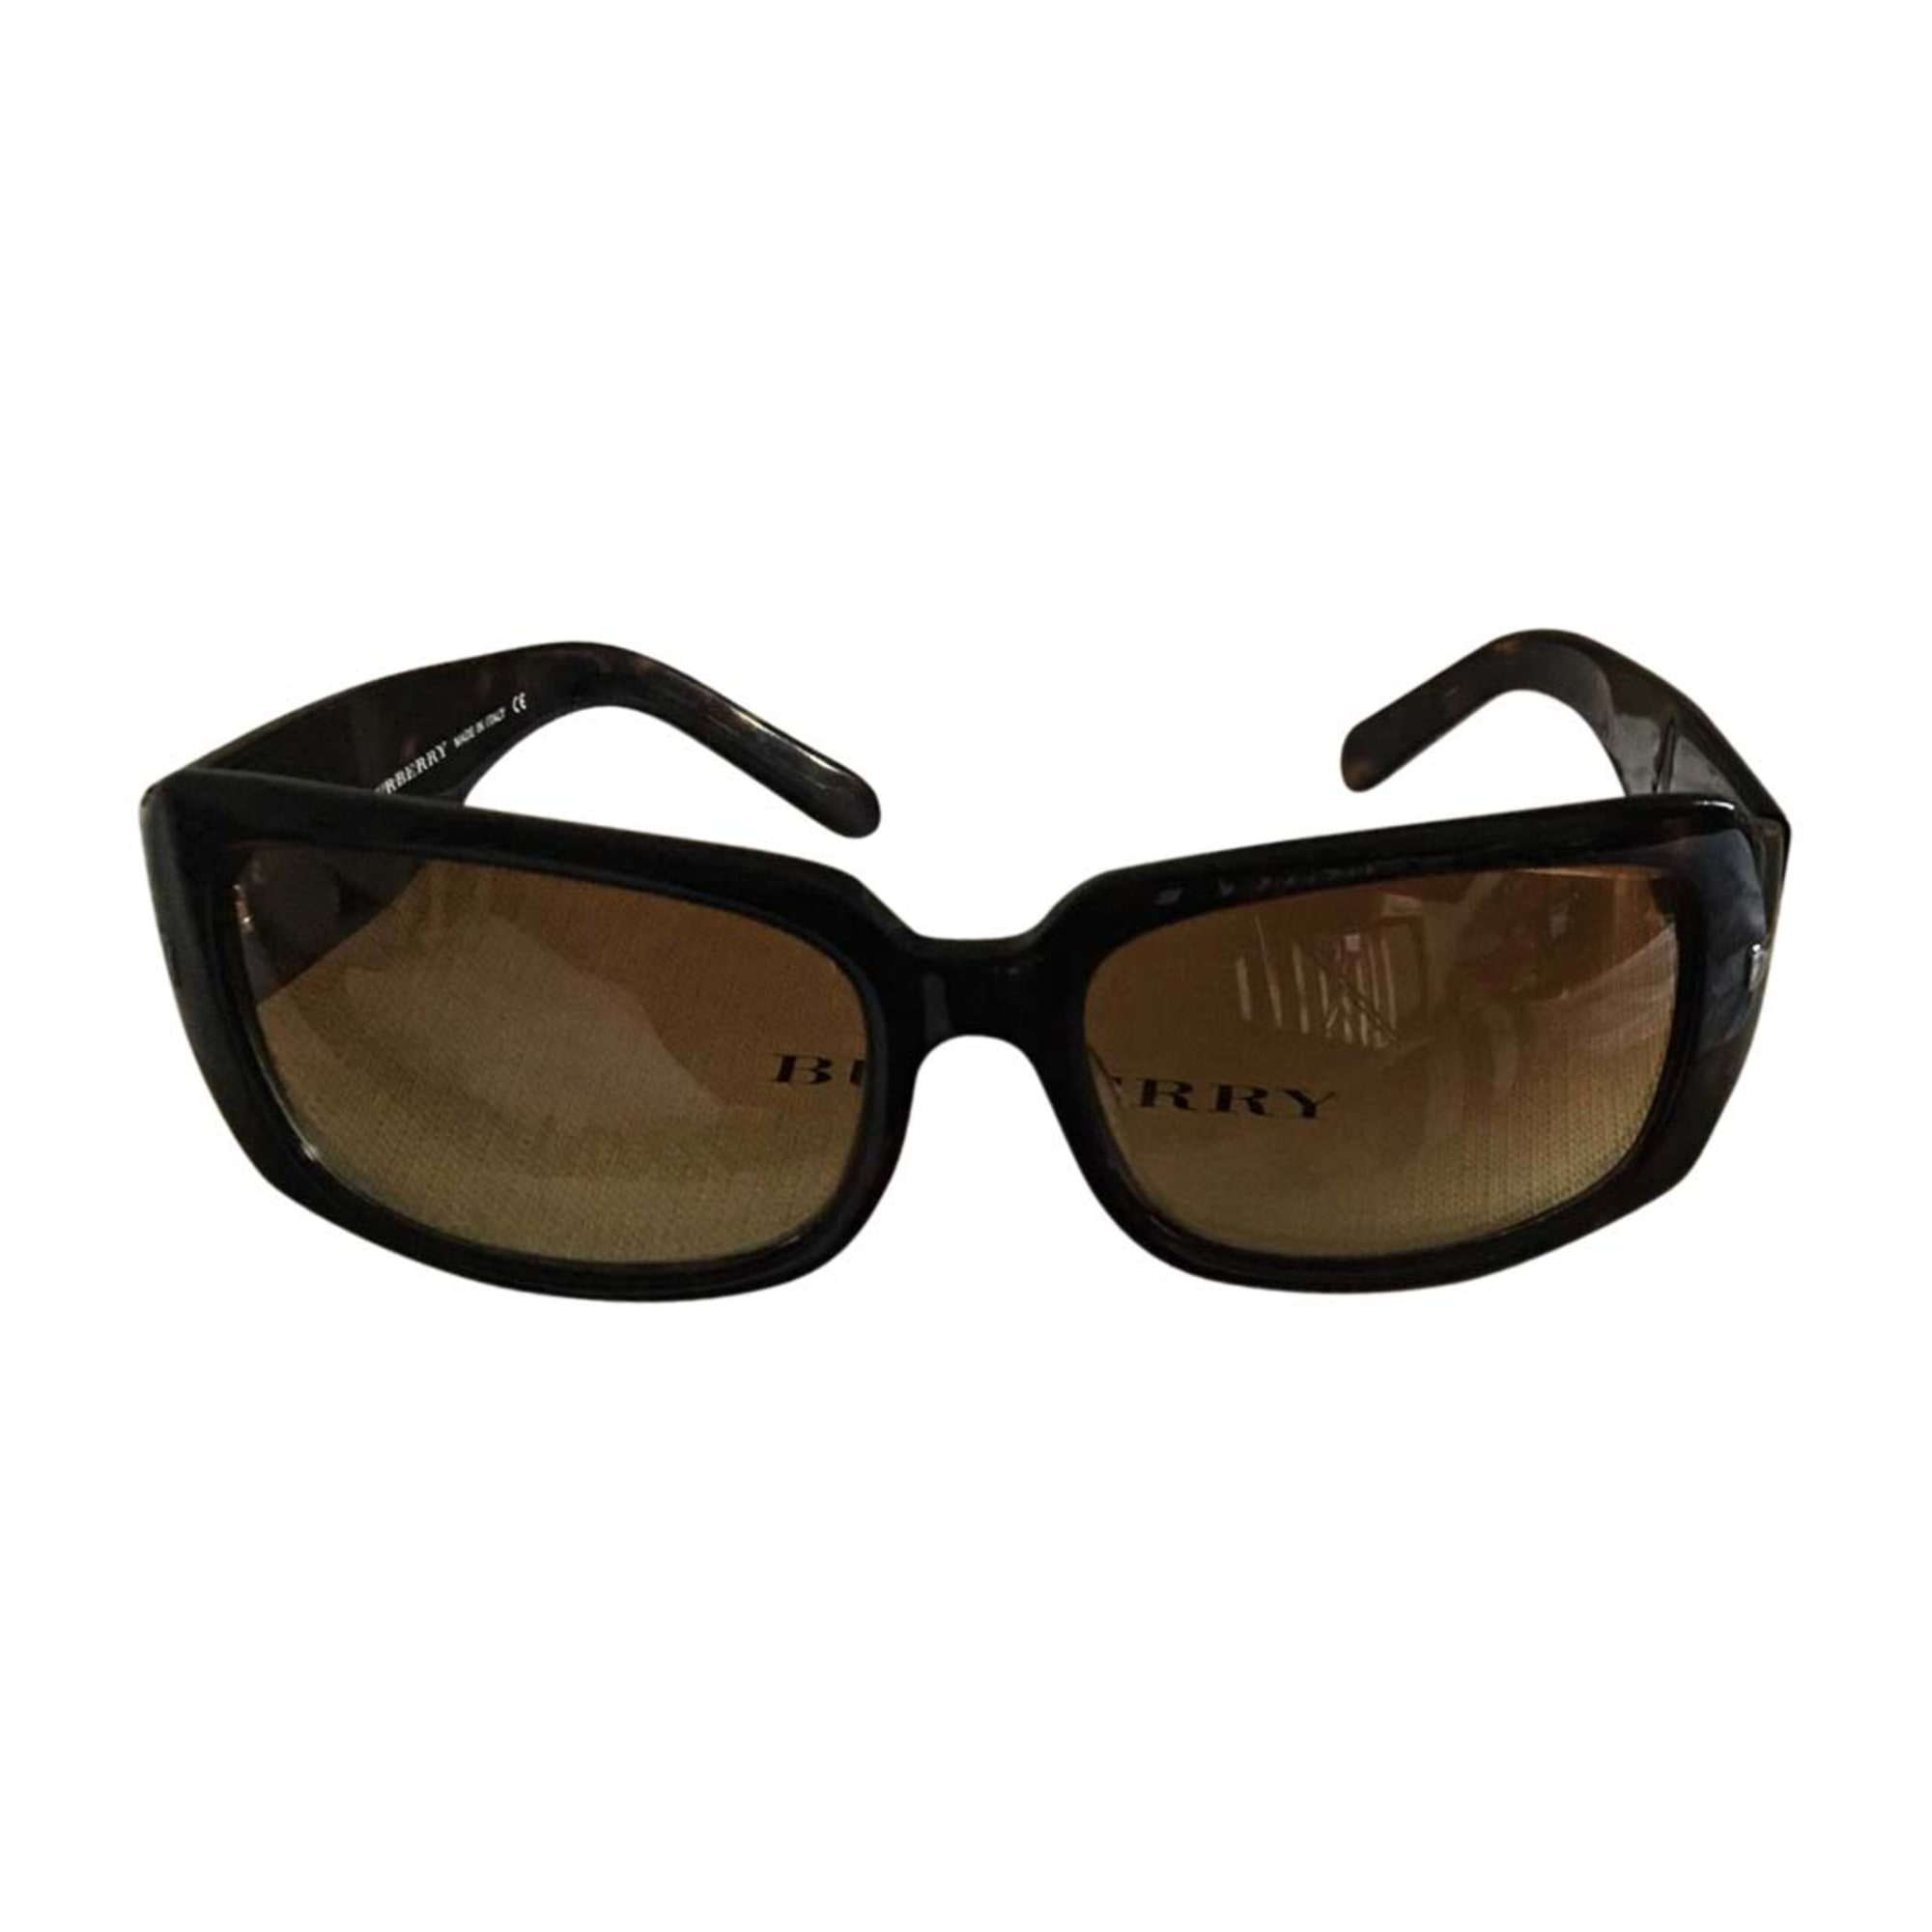 Brillen BURBERRY beige - 7147758